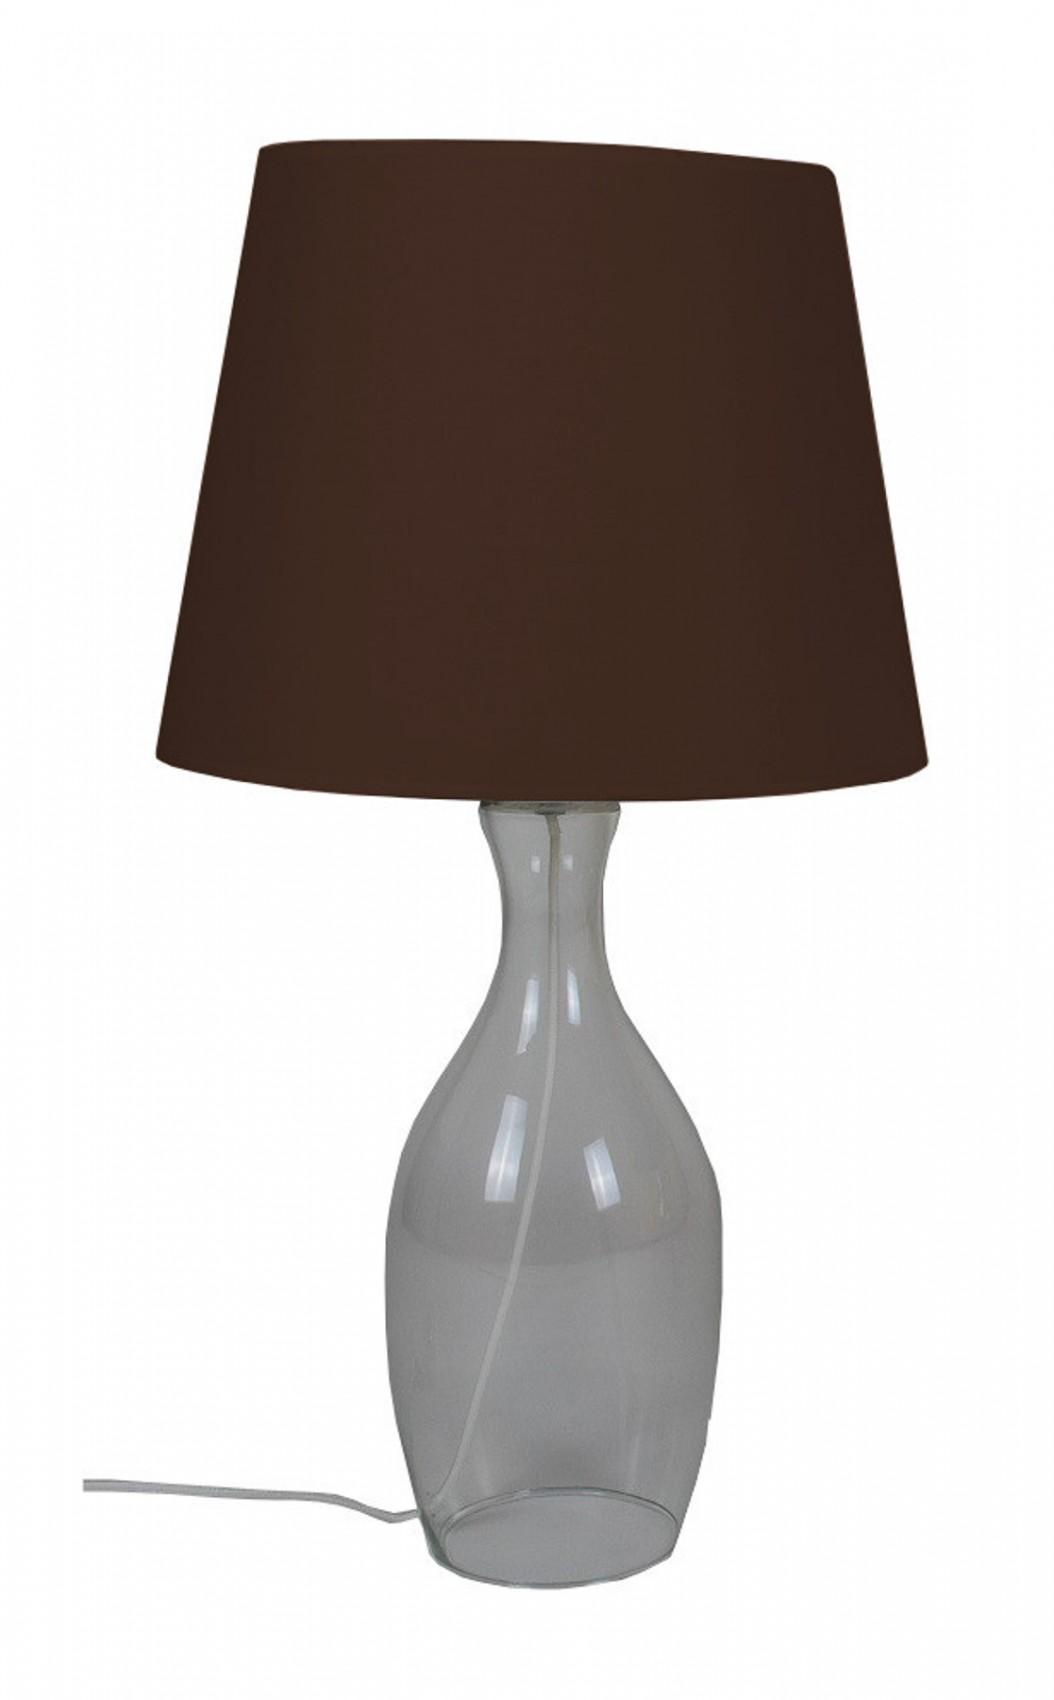 tischlampe mit glasfu 63 cm tischleuchte wohnzimmerlampe lampe nachttischlampe ebay. Black Bedroom Furniture Sets. Home Design Ideas